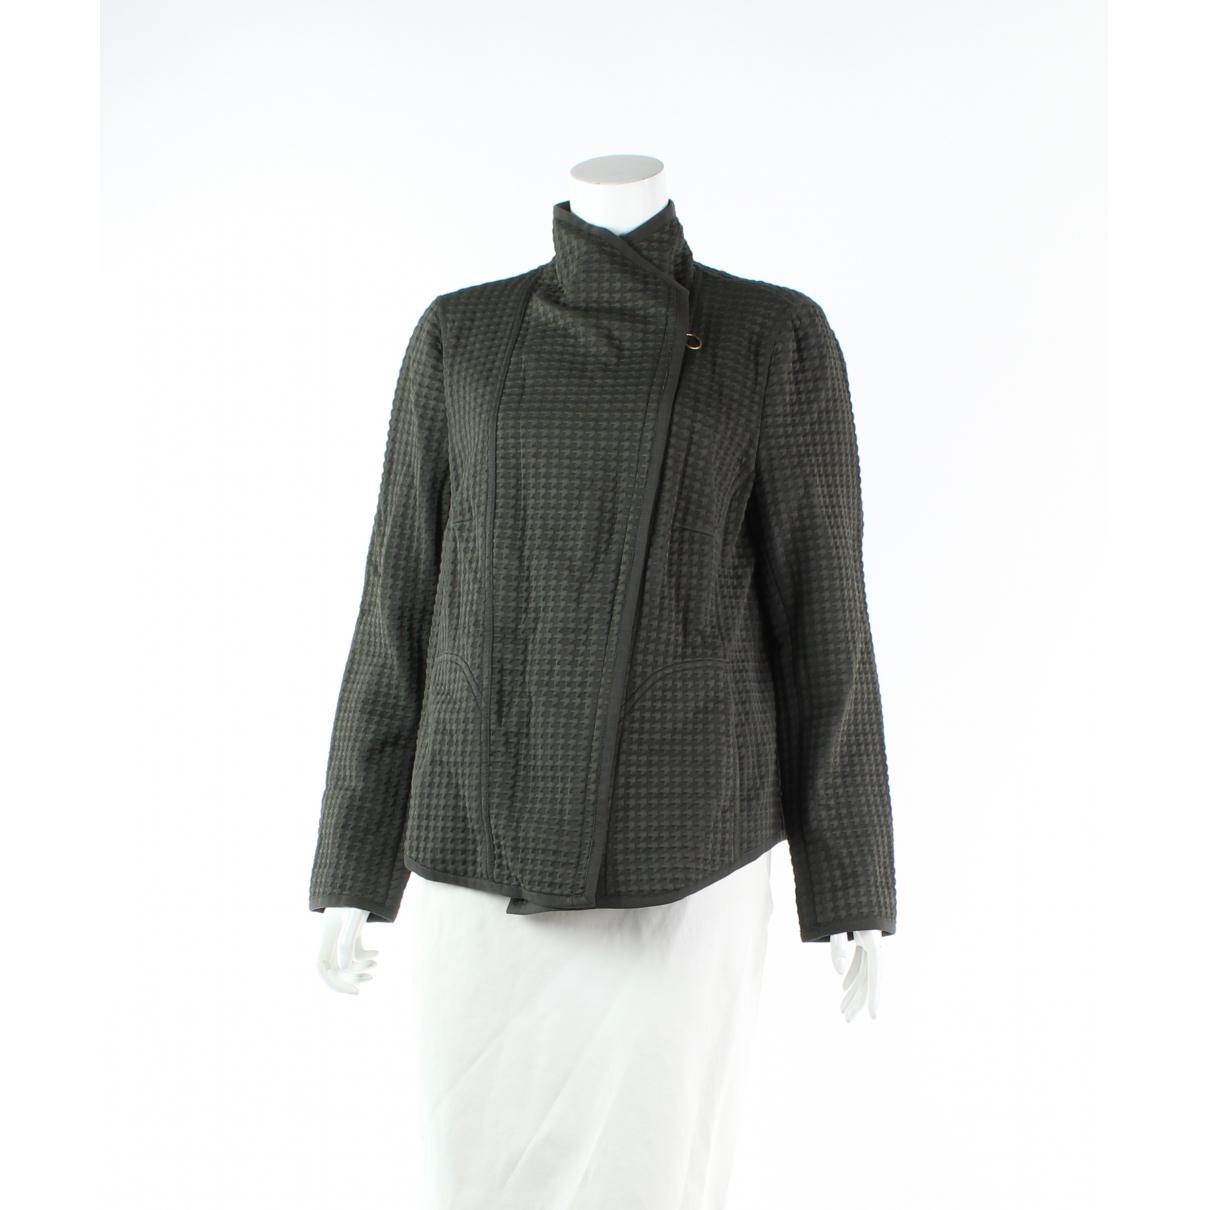 Akris Punto \N Khaki jacket for Women 12 US